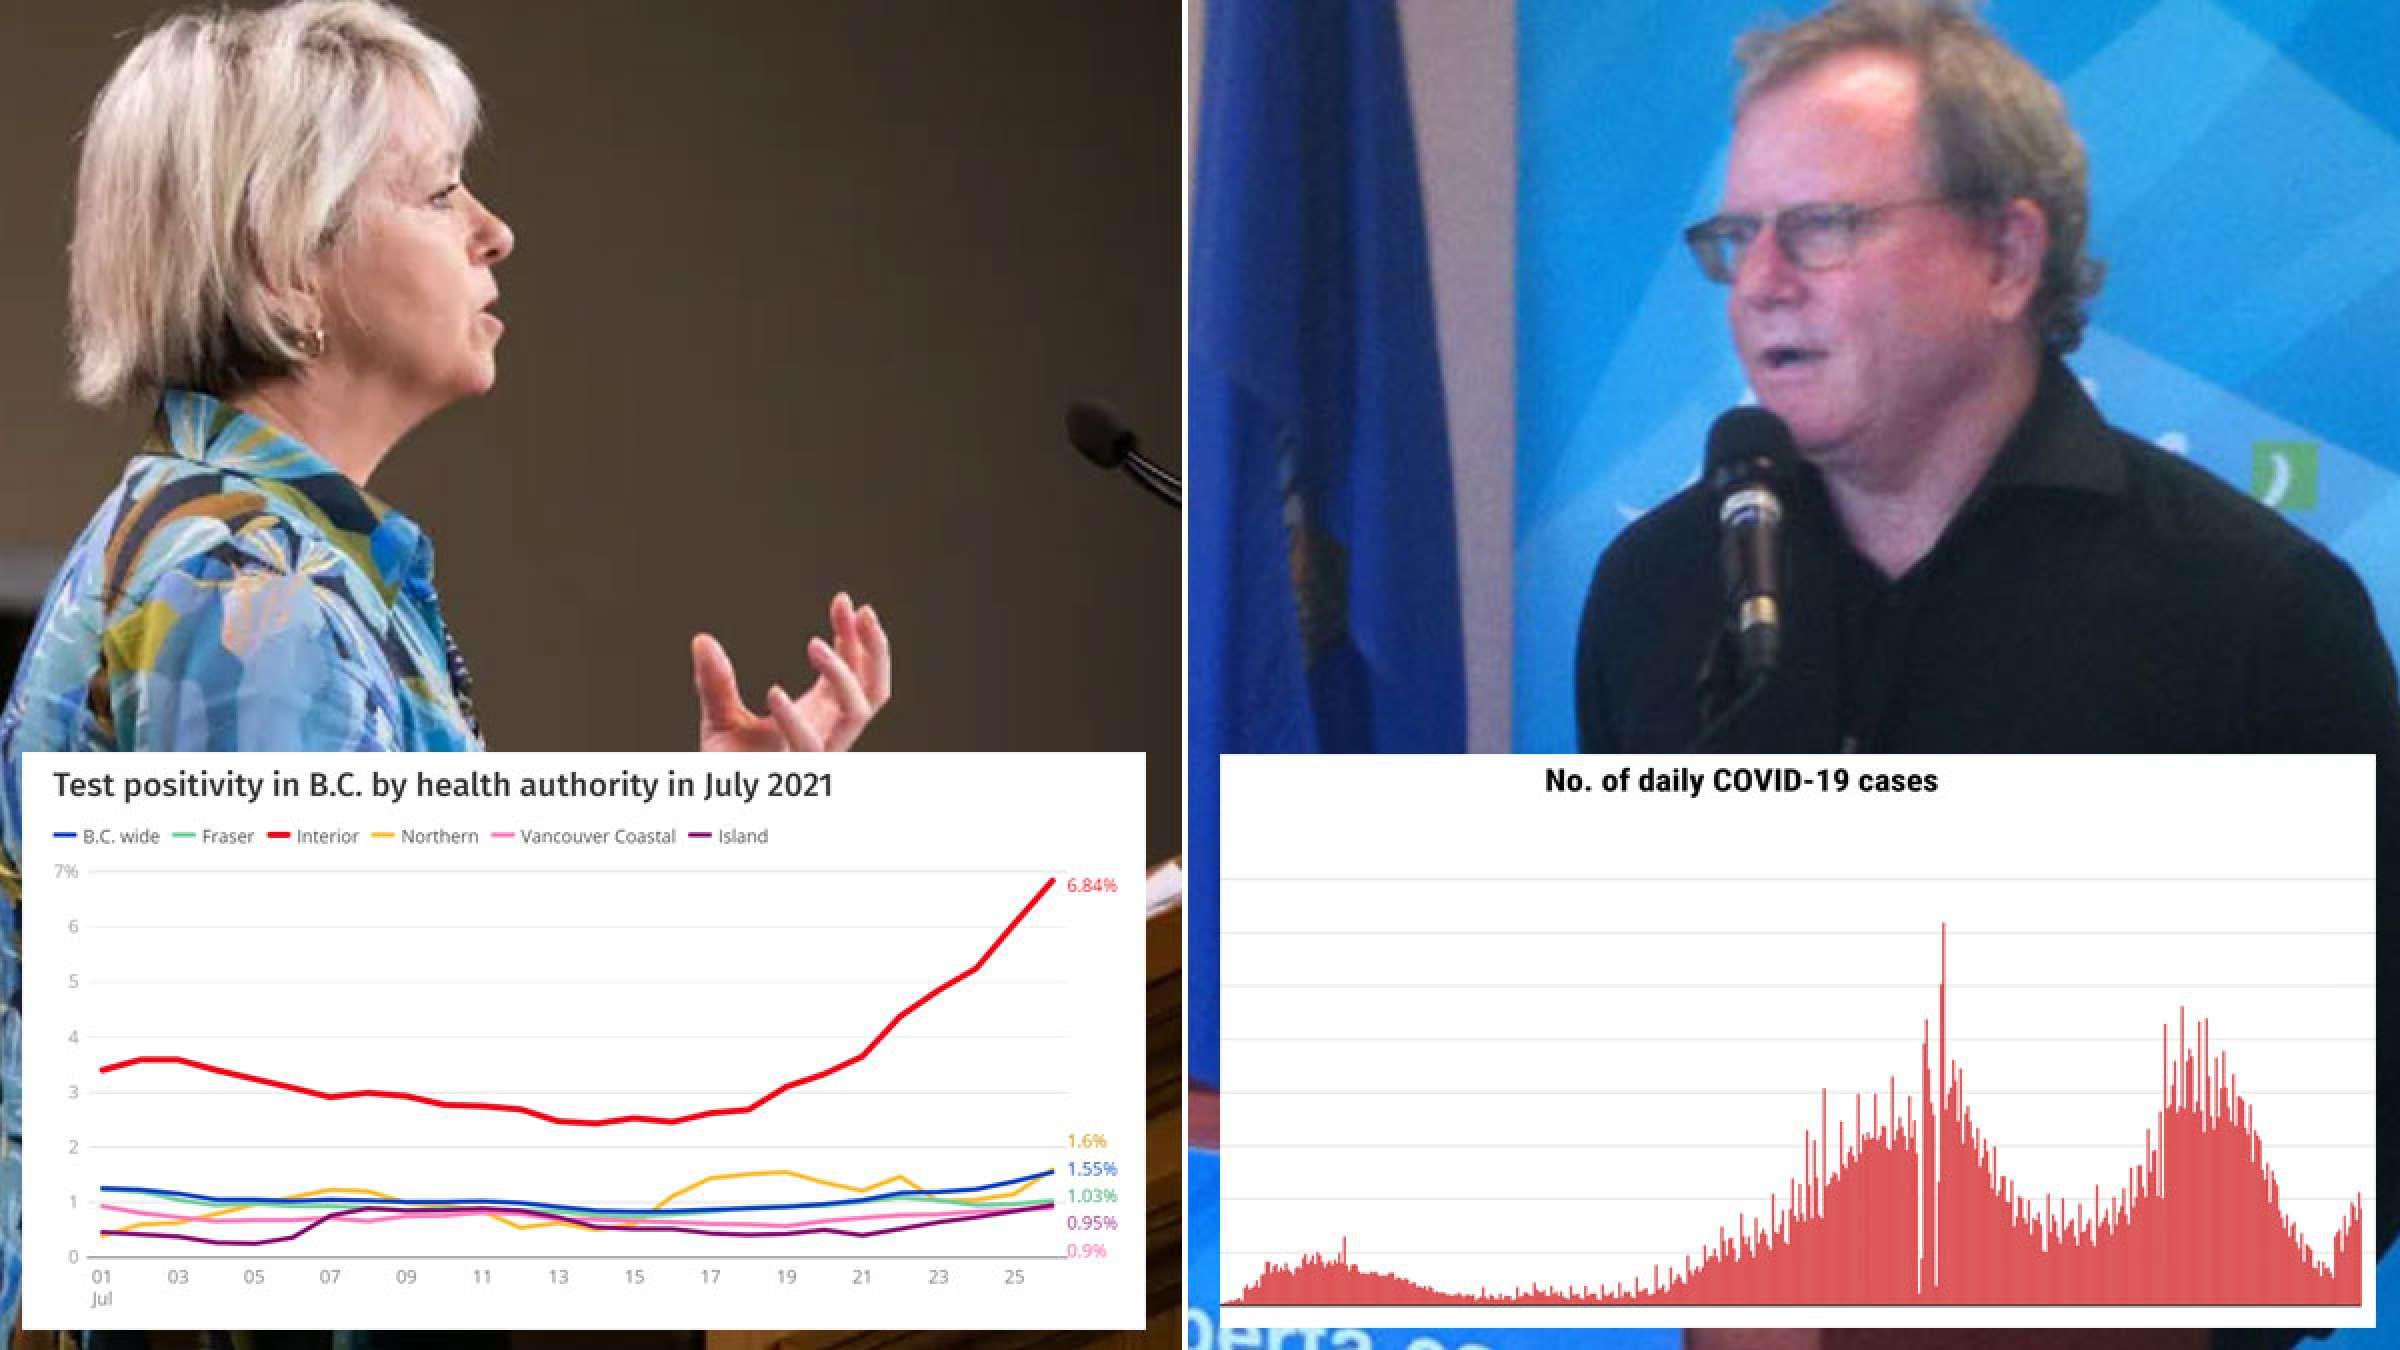 خبر-کانادا-اعلان-وضعیت-اضطراری-شیوع-کرونا-ونکوور-دستور-ماسک-زدن-آغاز-موج-چهارم-آلبرتا